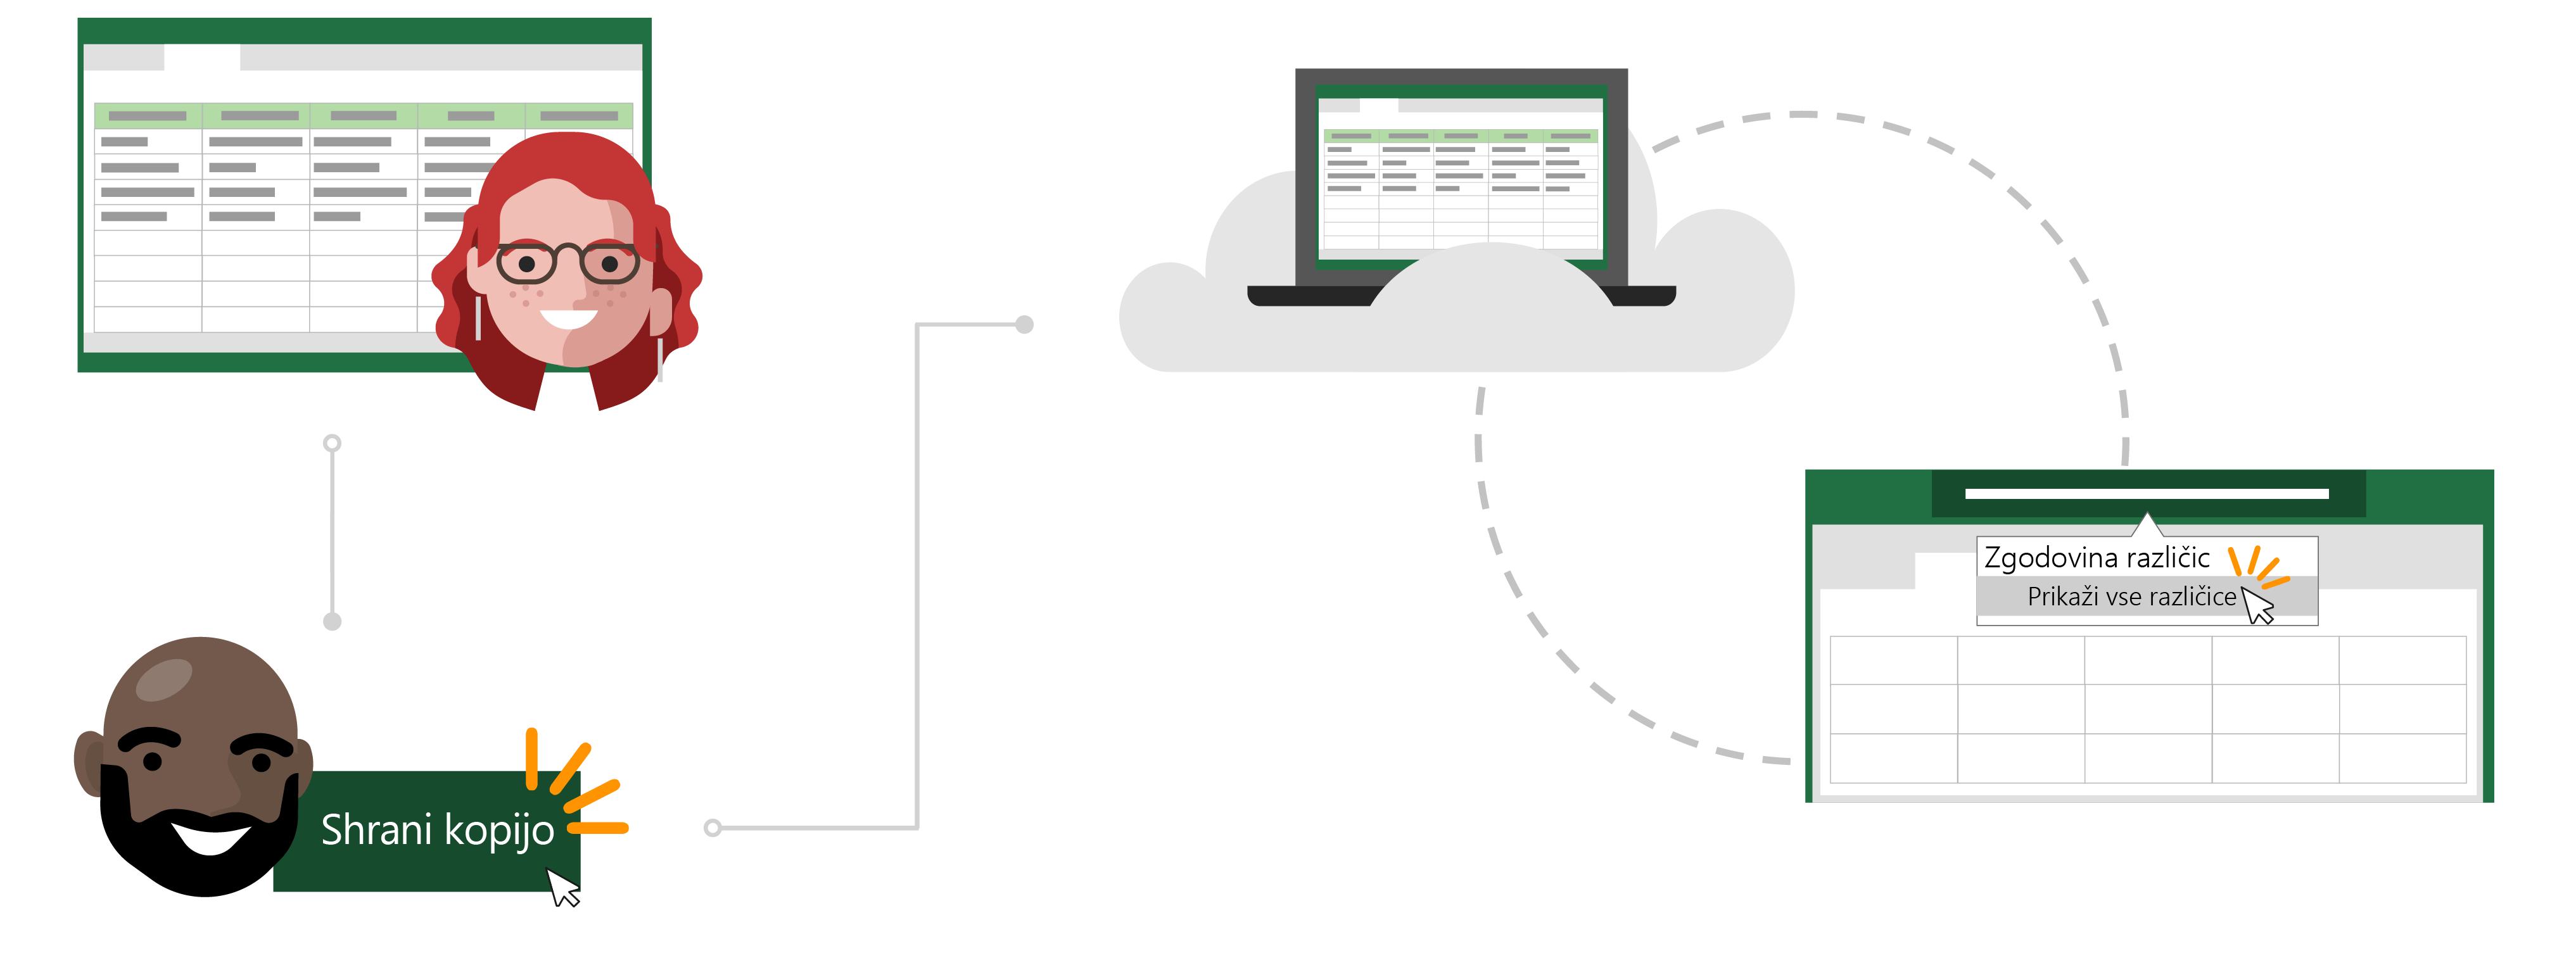 Uporabite obstoječo datoteko v oblaku kot predlogo za novo datoteko z uporabo shranjevanje kopije.